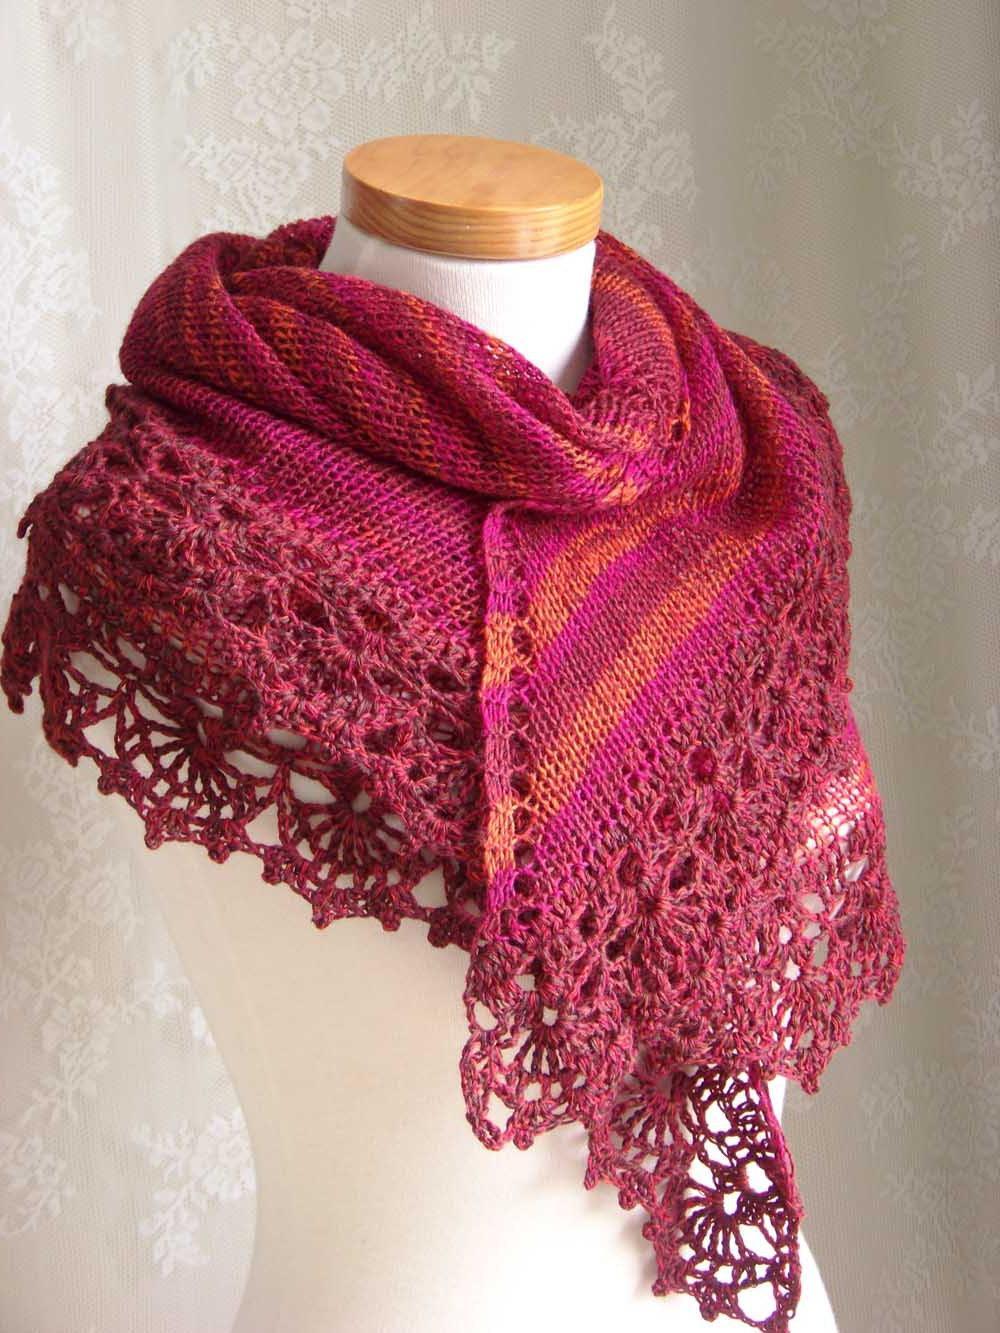 Knit crochet pattern, Red